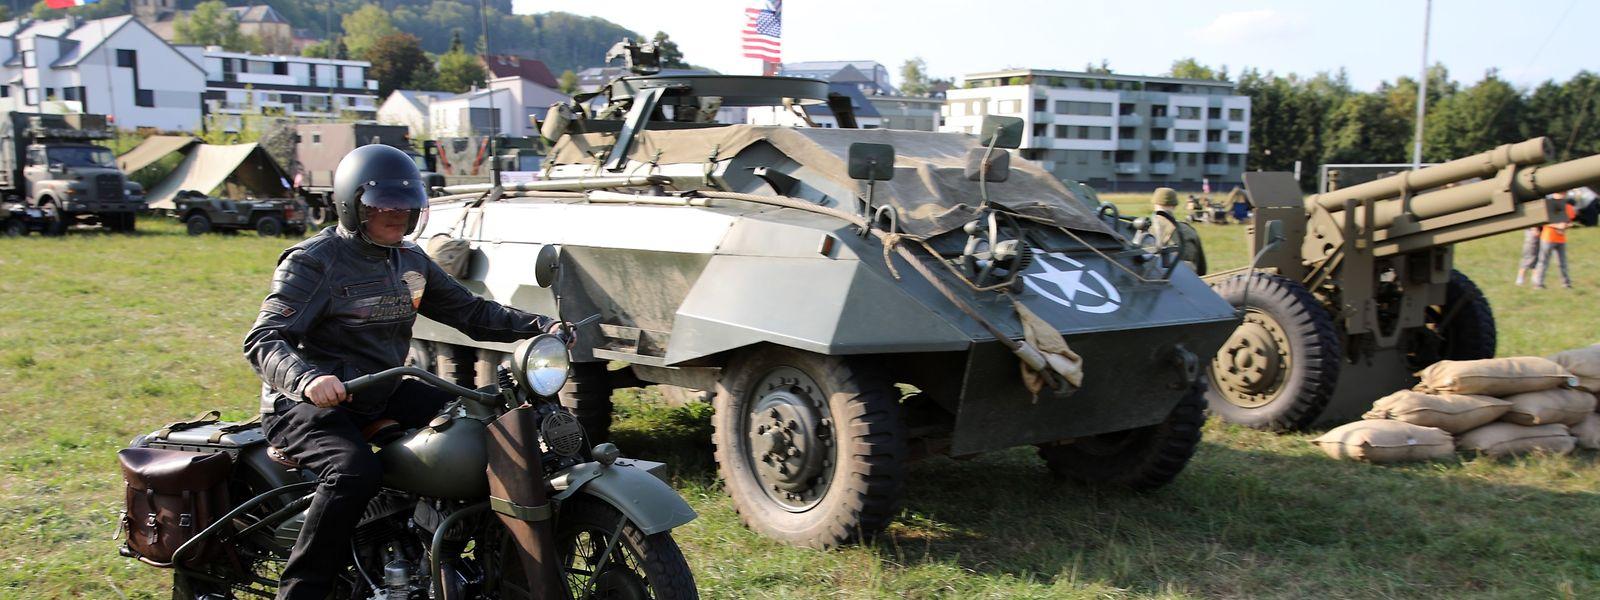 Steinsel Treffen Historischer Militärfahrzeuge / Foto: Charlot KUHN